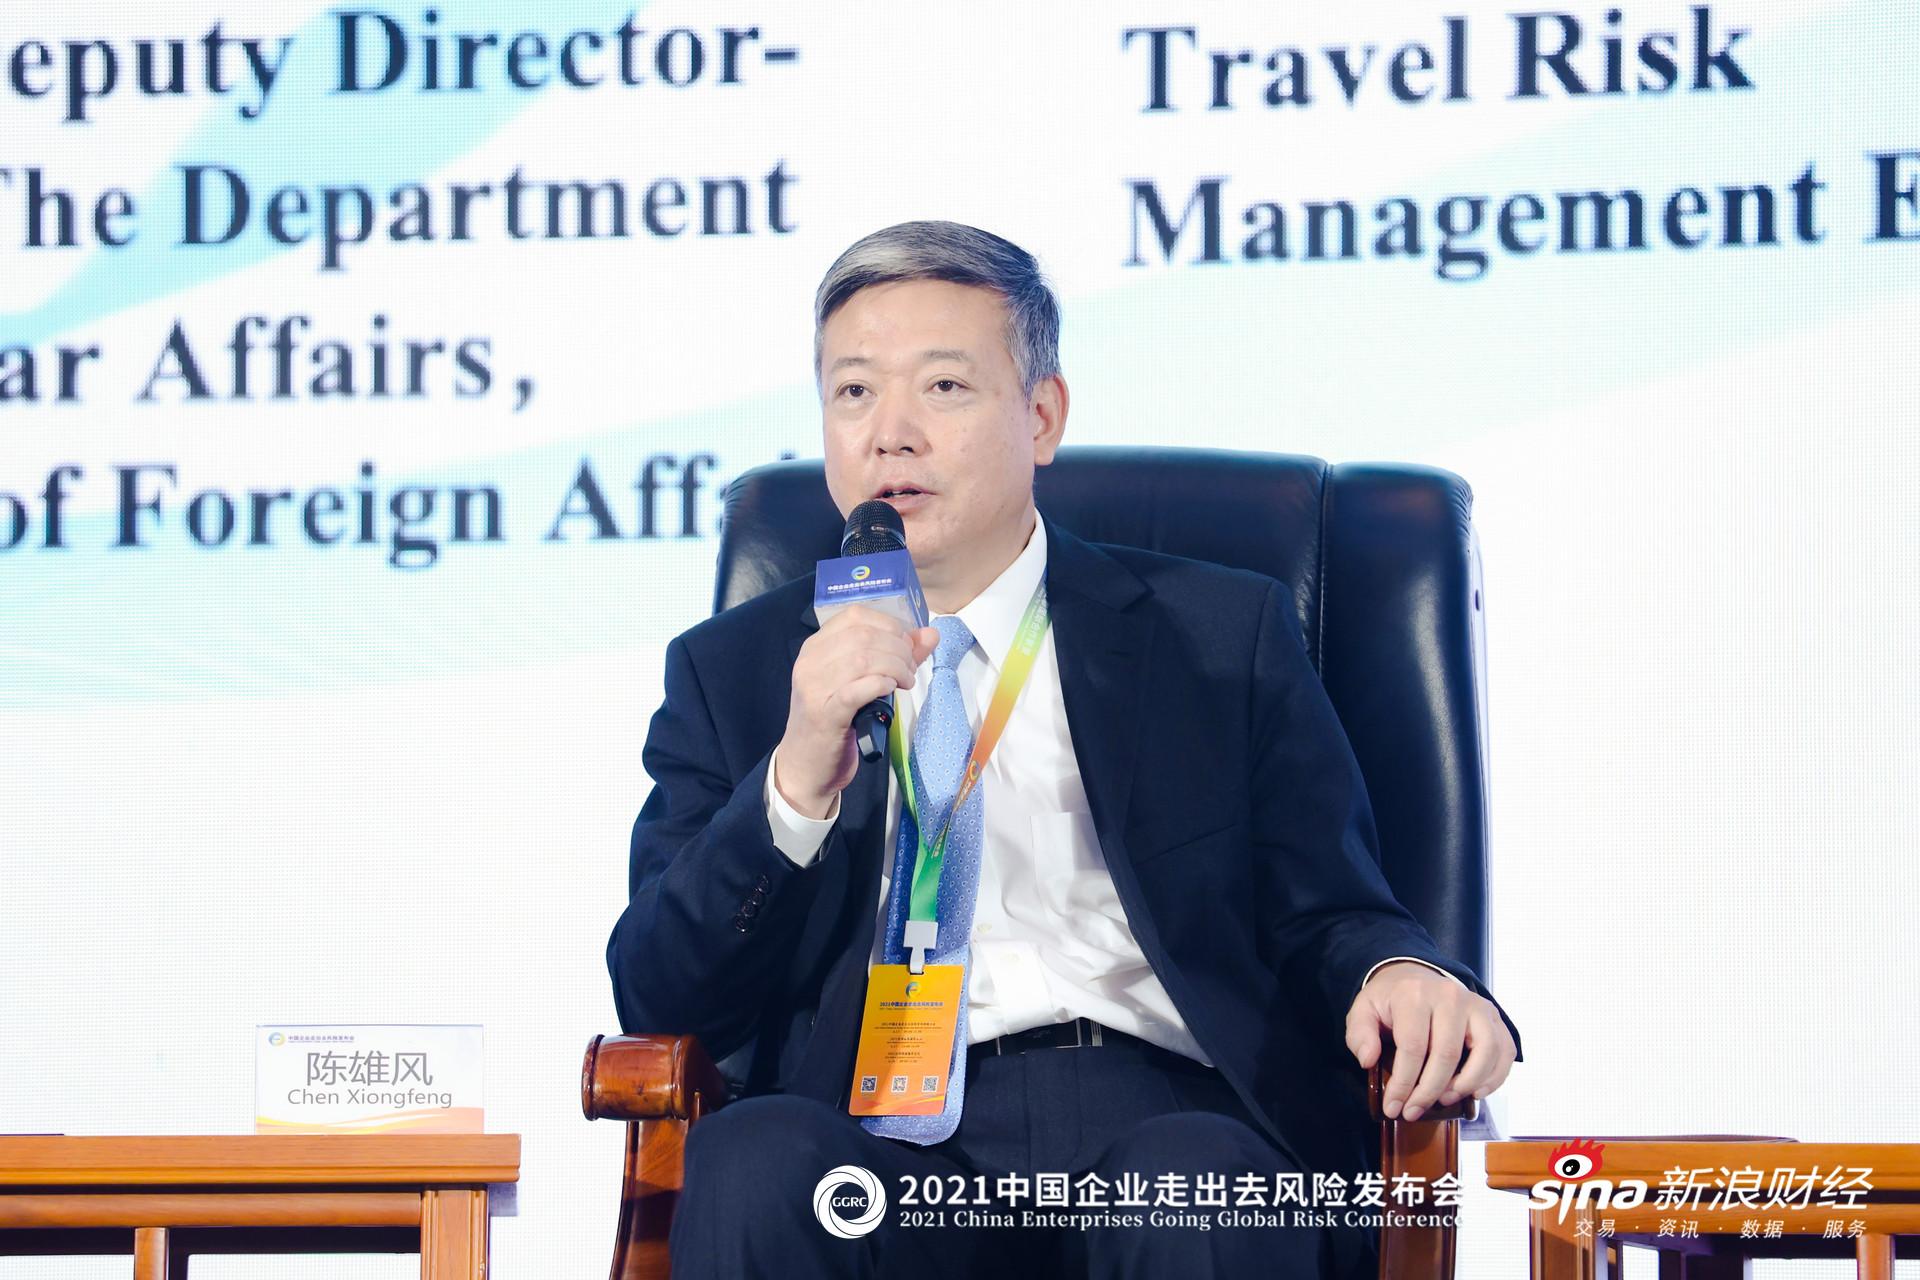 陈雄风:有必要对派出务工人员提供必要的保险方面服务采购